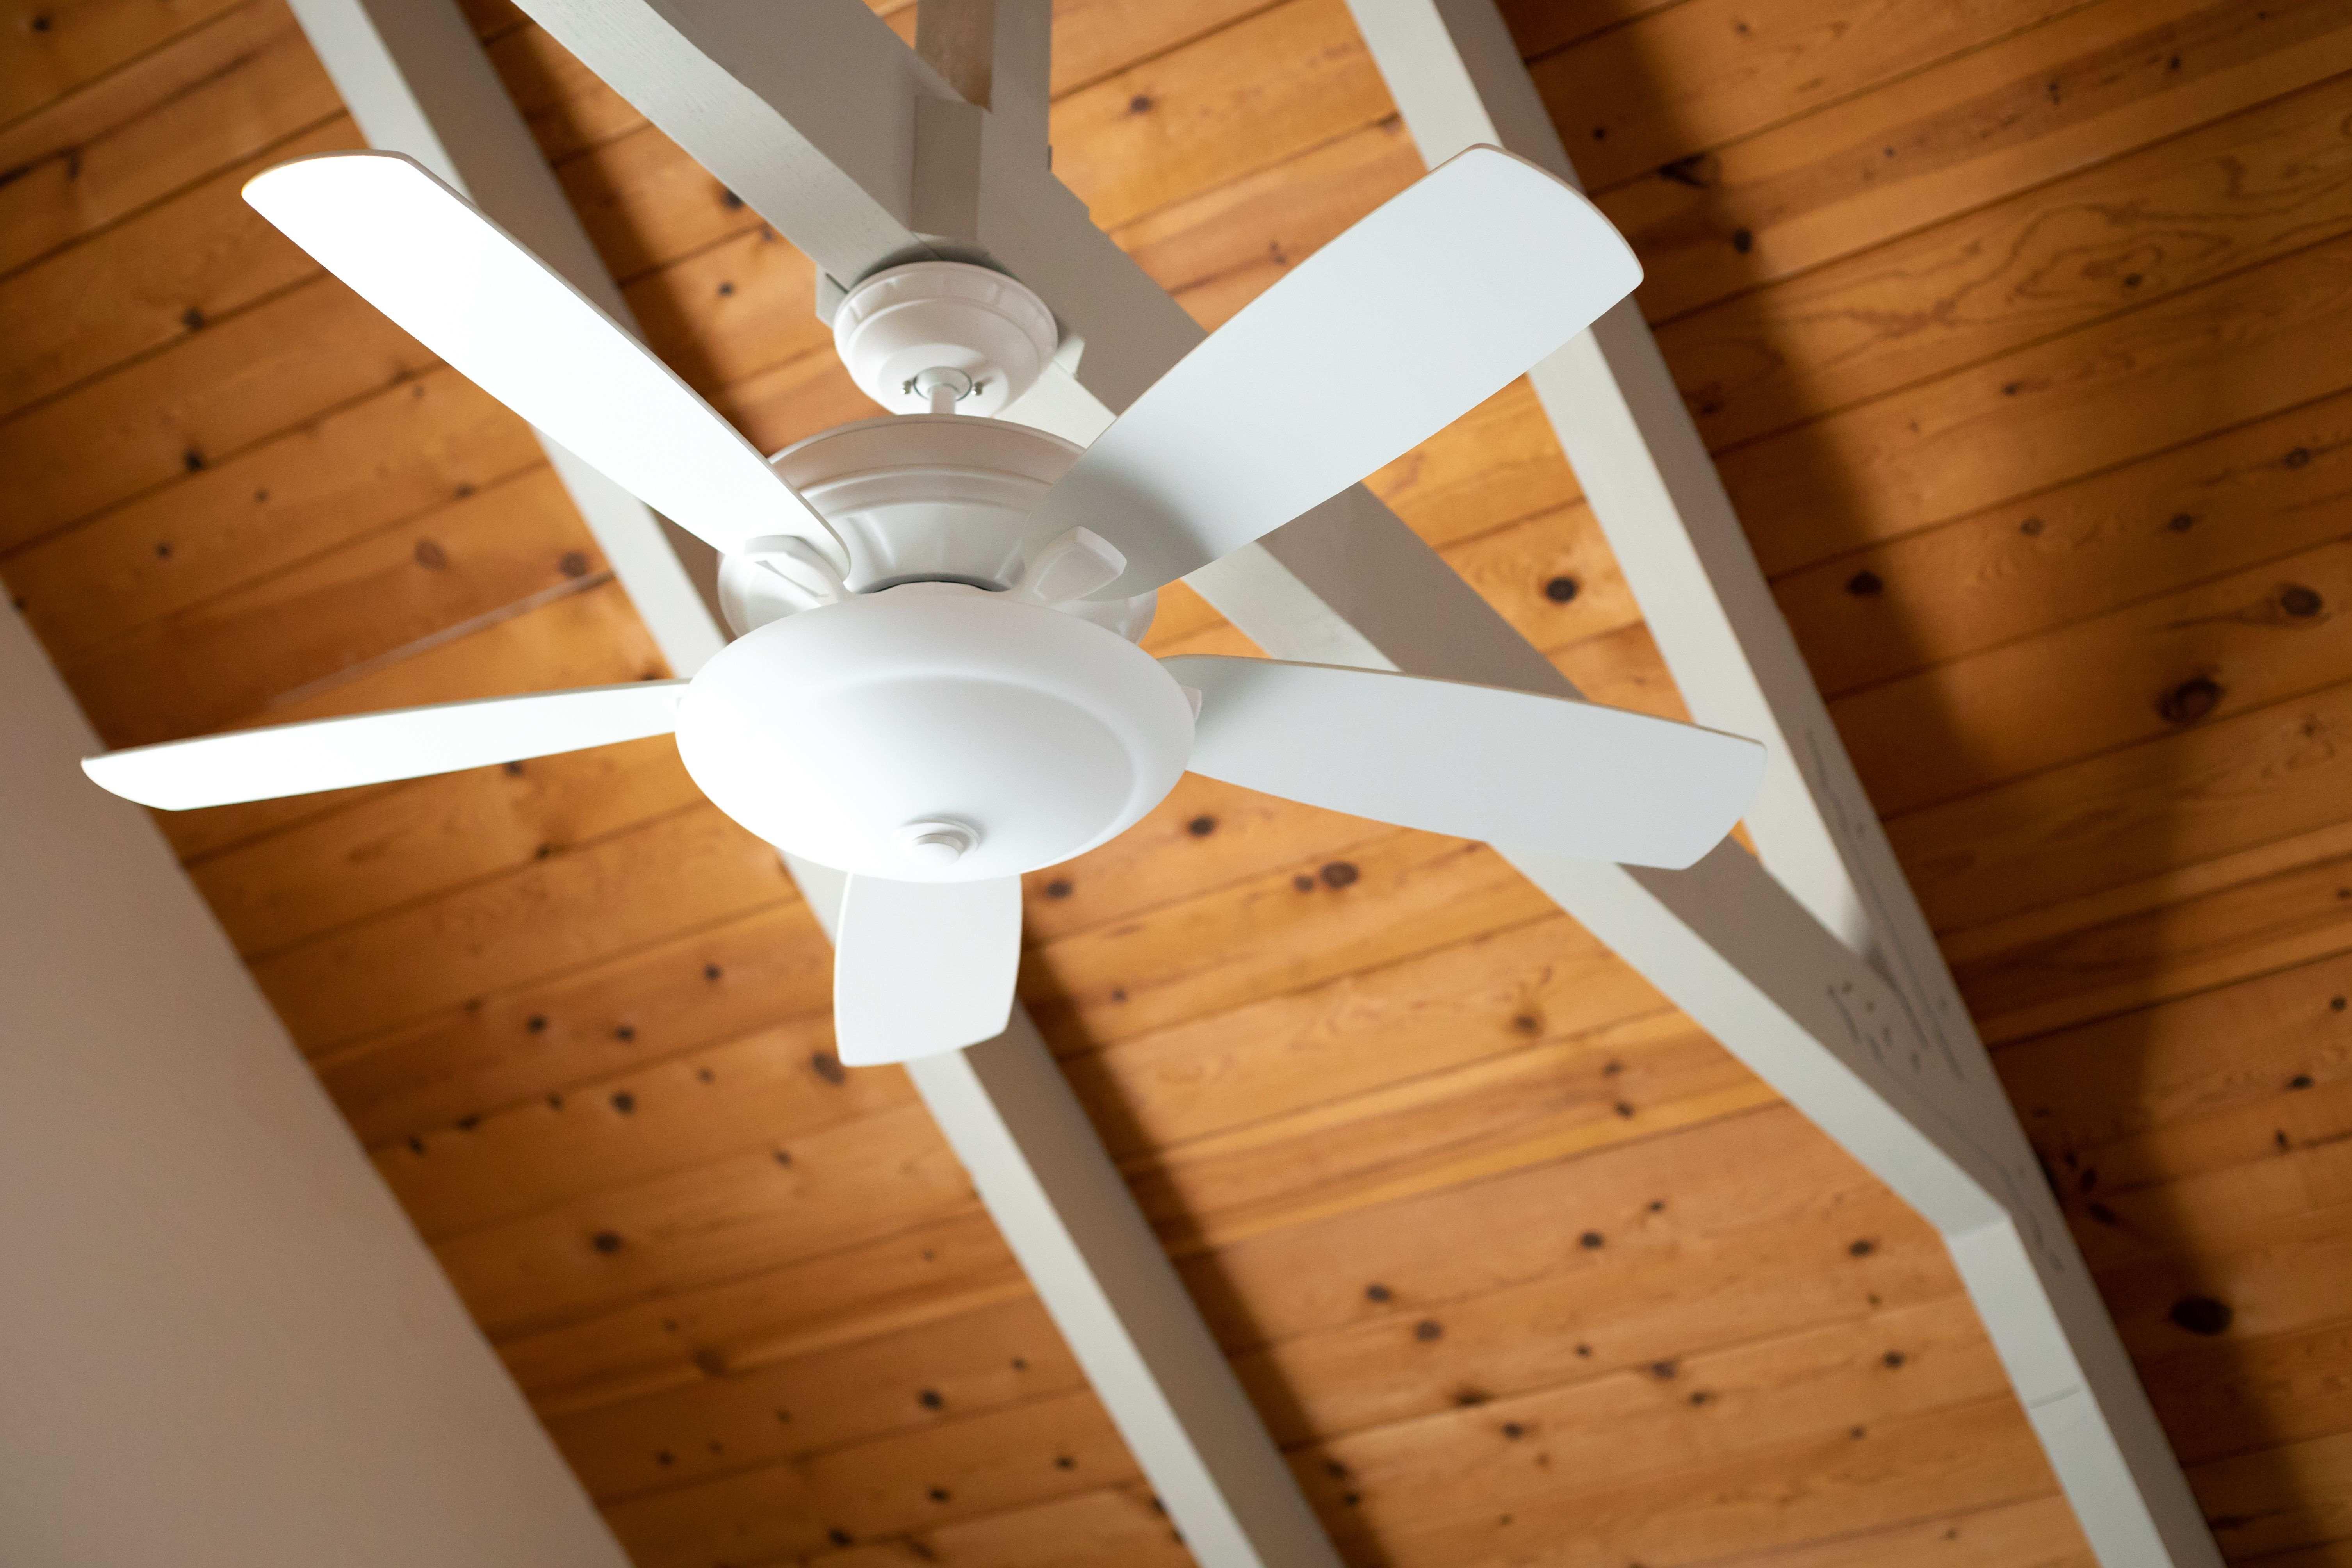 Cómo elegir un ventilador de techo